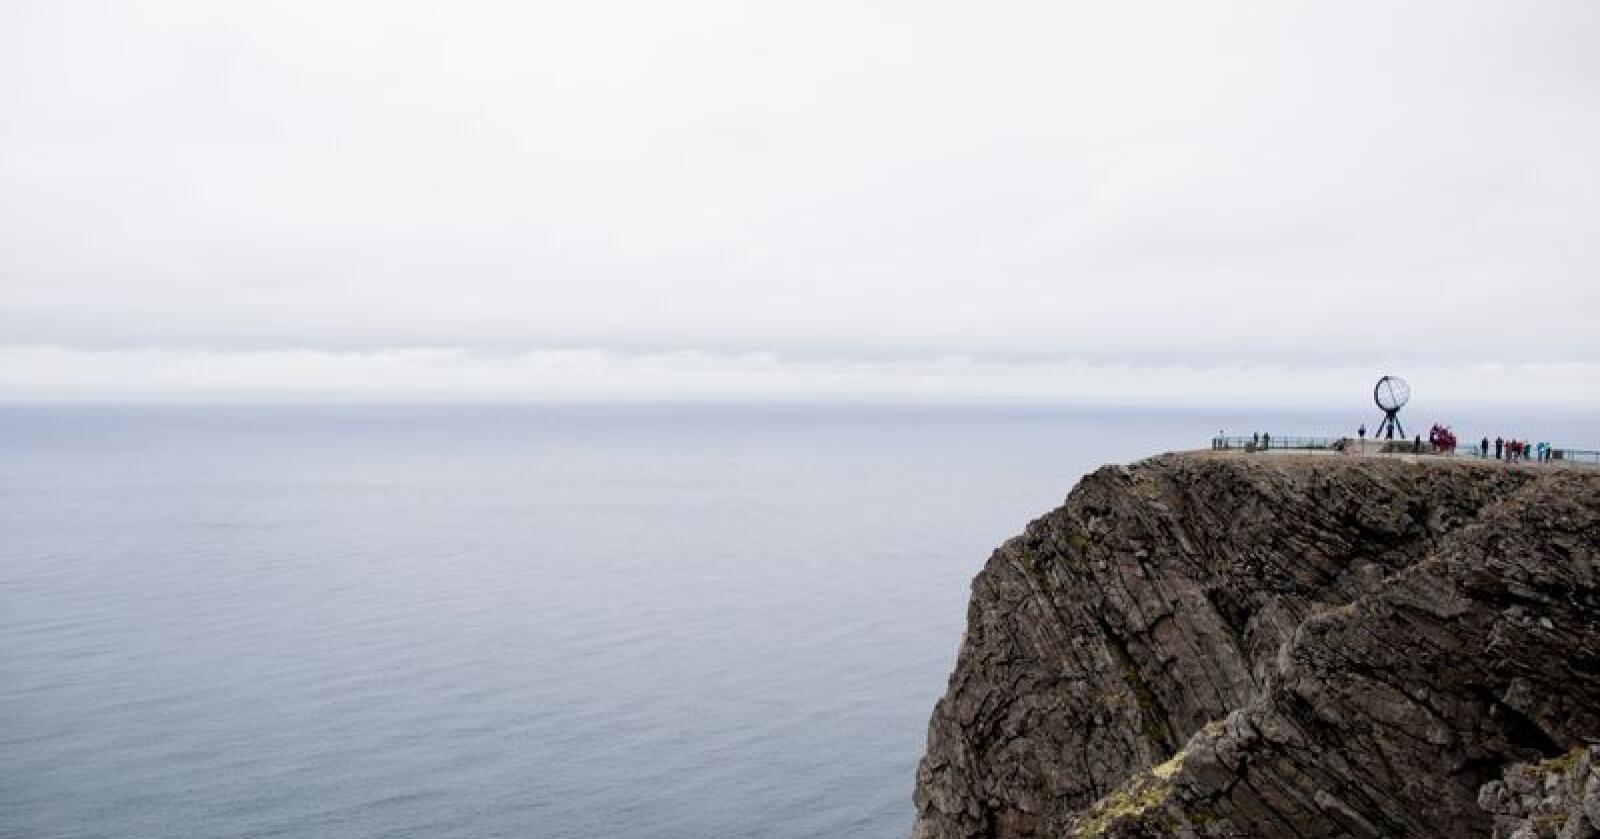 Nordkapp  20140814.Illustrasjonsbilde fra Nordkapplatået på Magerøya i Finnmark, i forbindelse med sykkelrittet Arctic Race of Norway. Nordkappklippen.Foto: Vegard Wivestad Grøtt / NTB scanpix